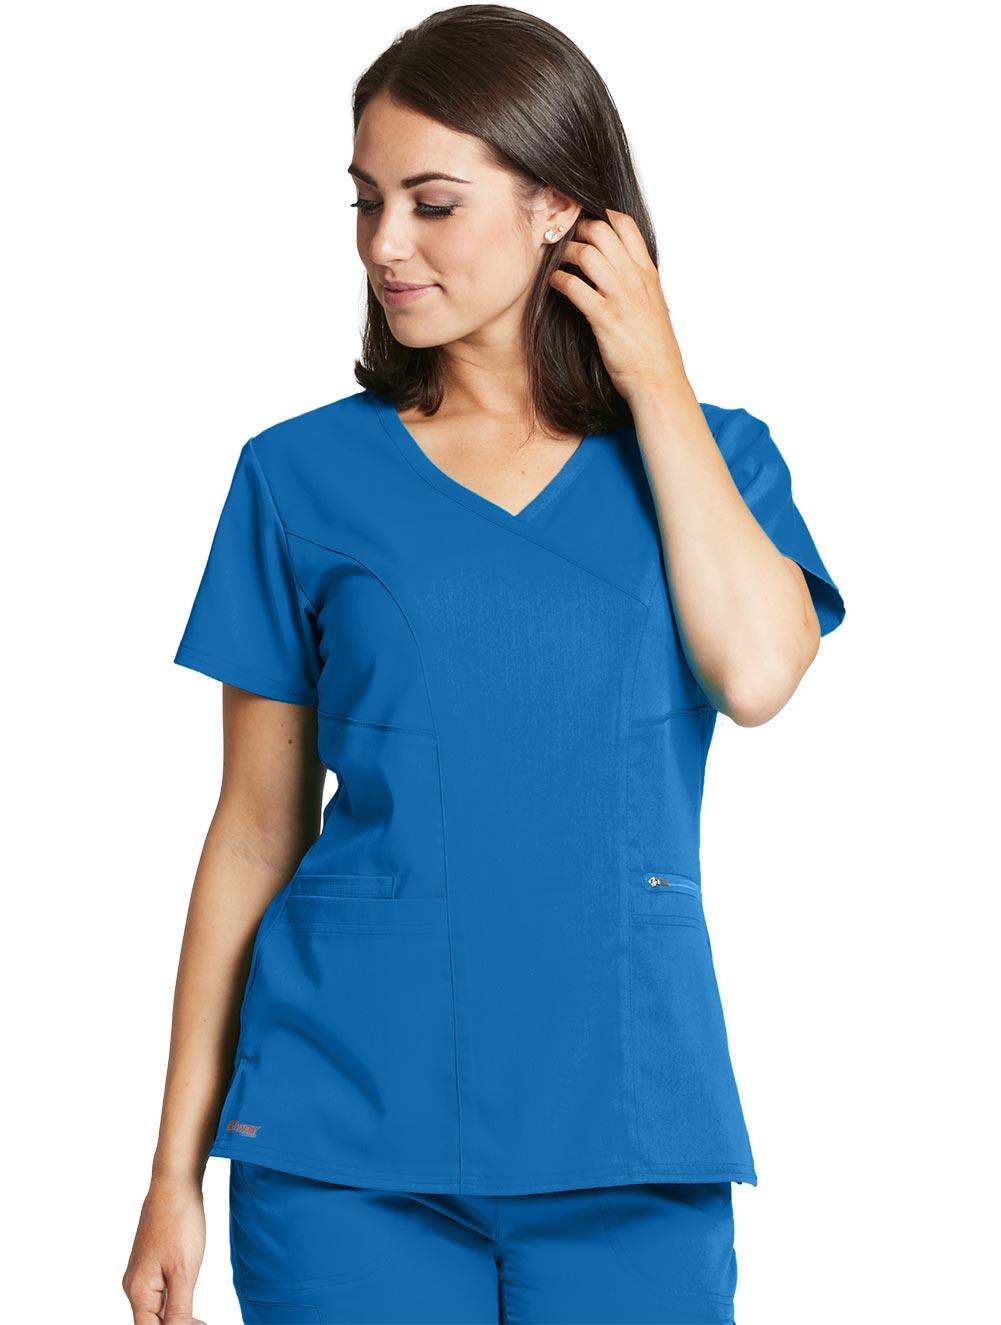 Grey's Anatomy Spandex Stretch Surplice 3-Pocket Scrub Tops